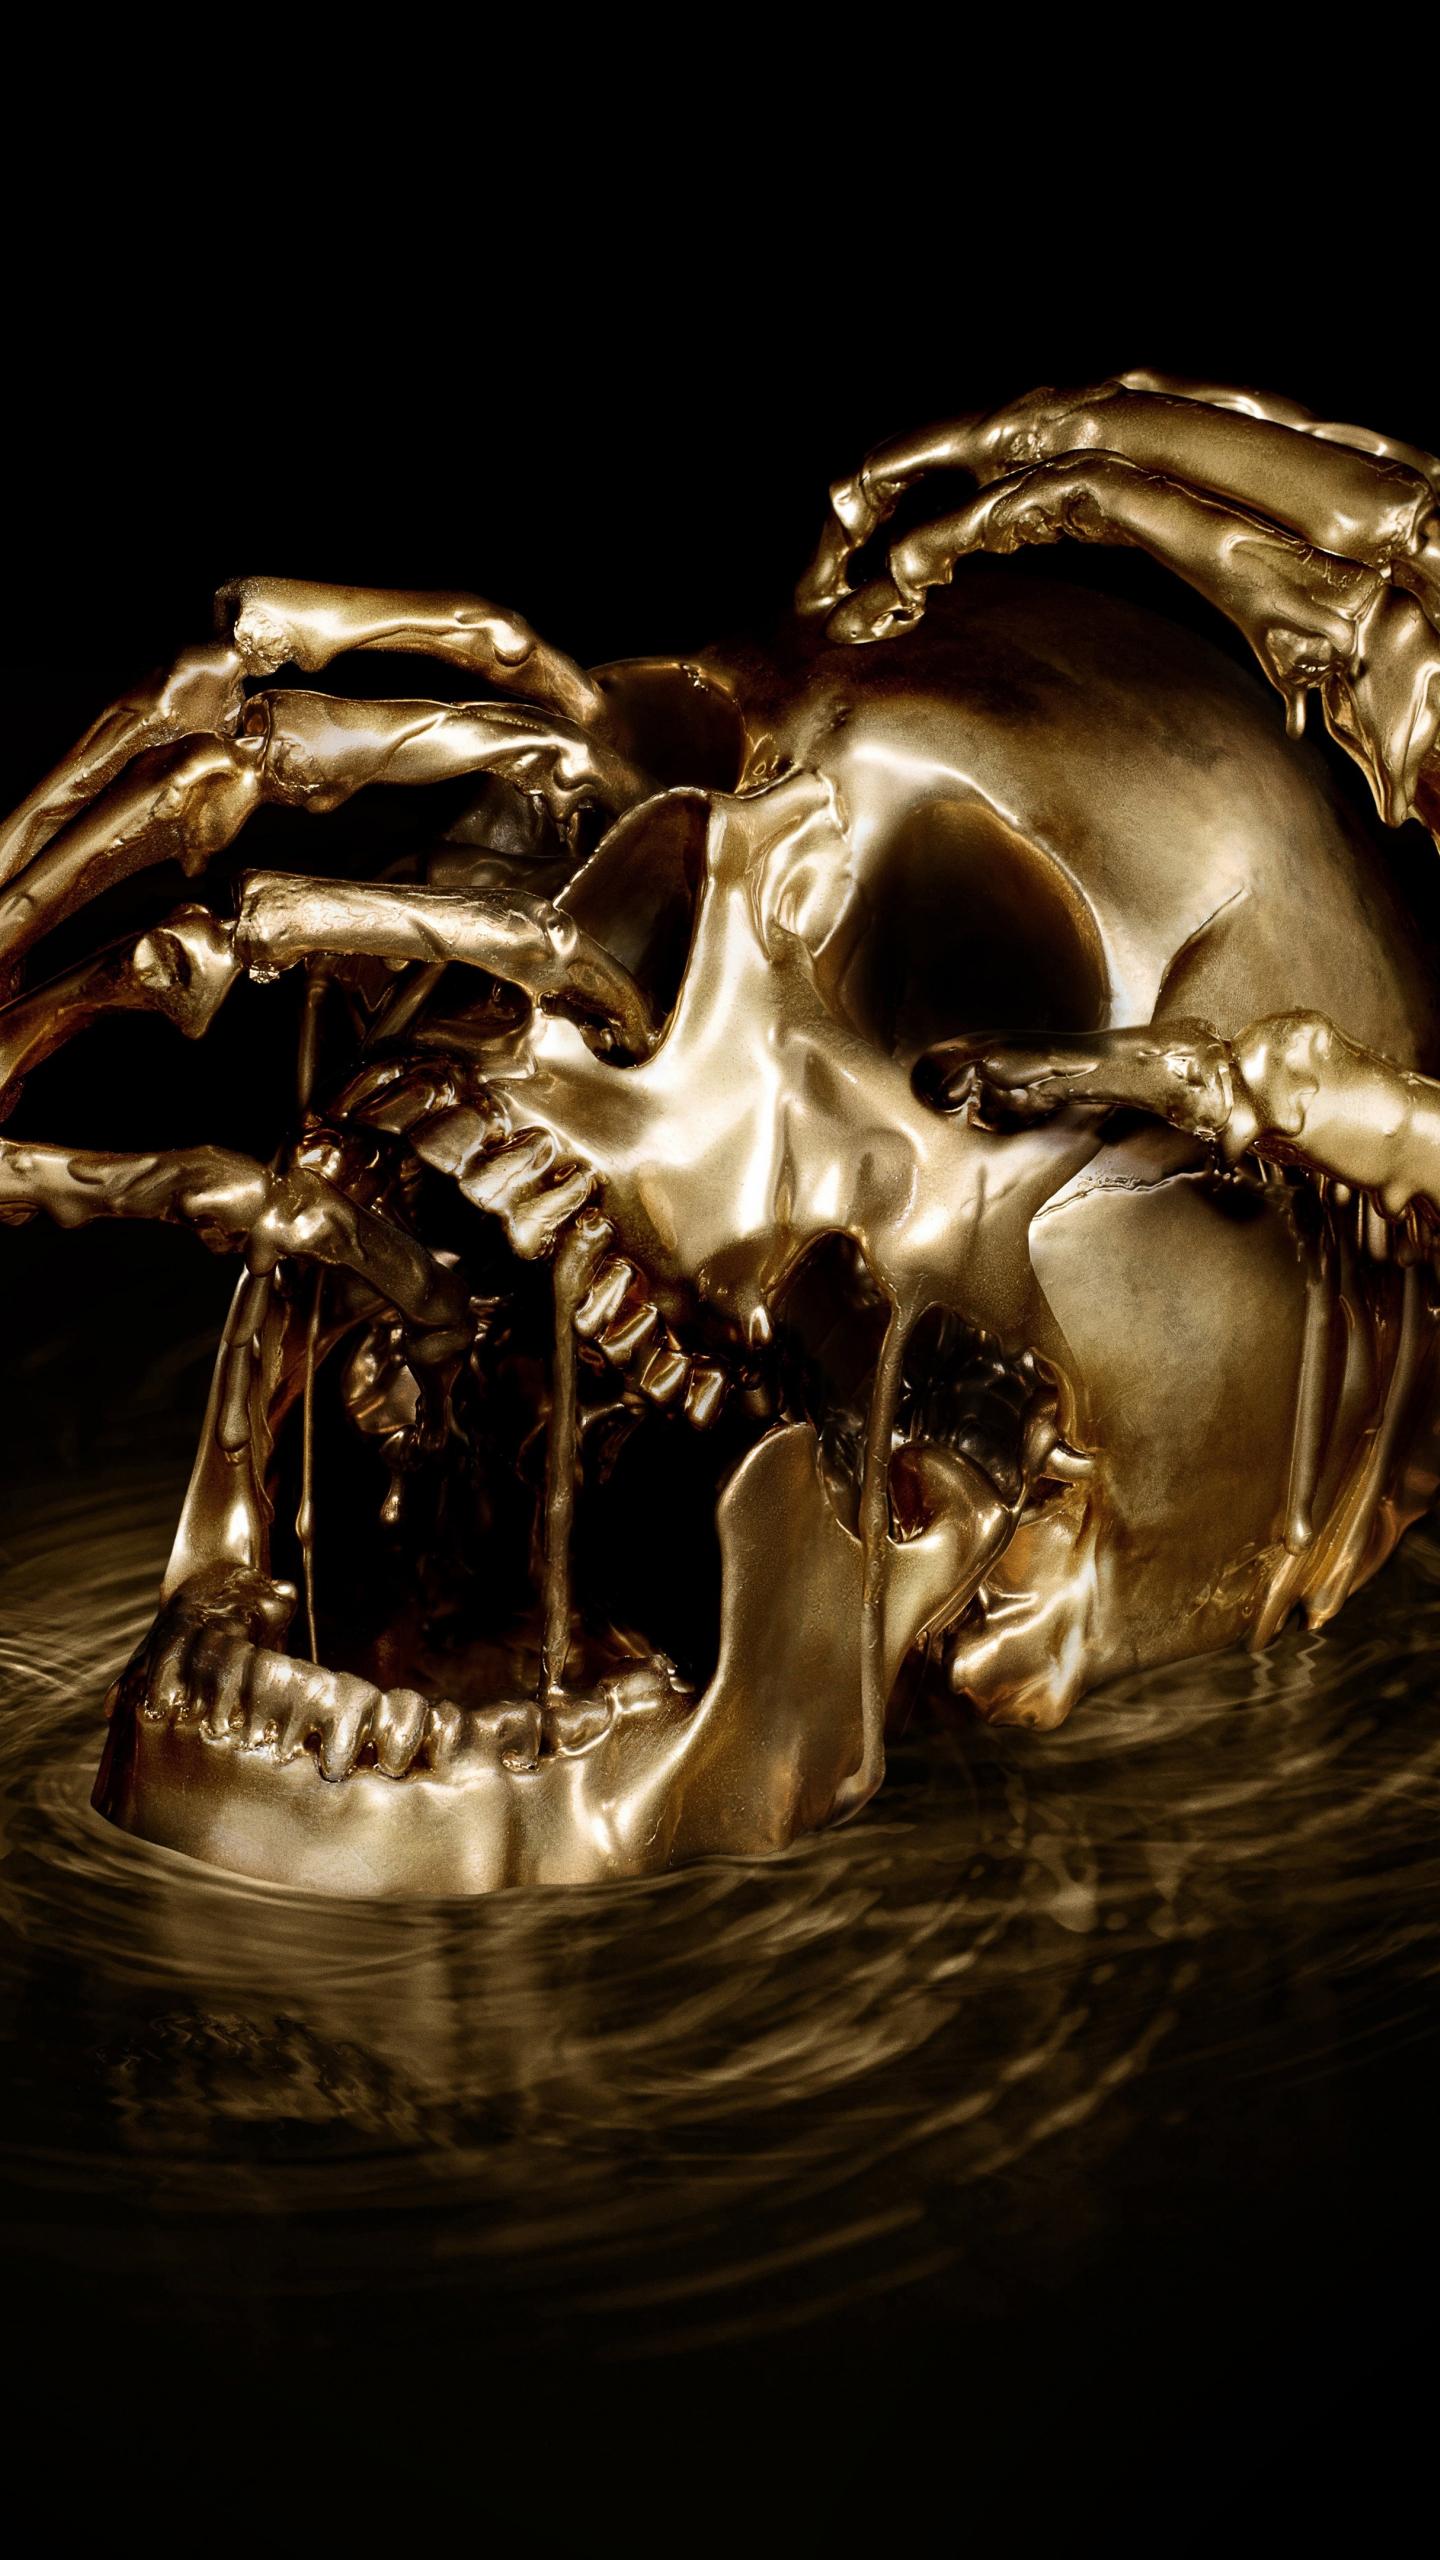 skull horror black sails digital art